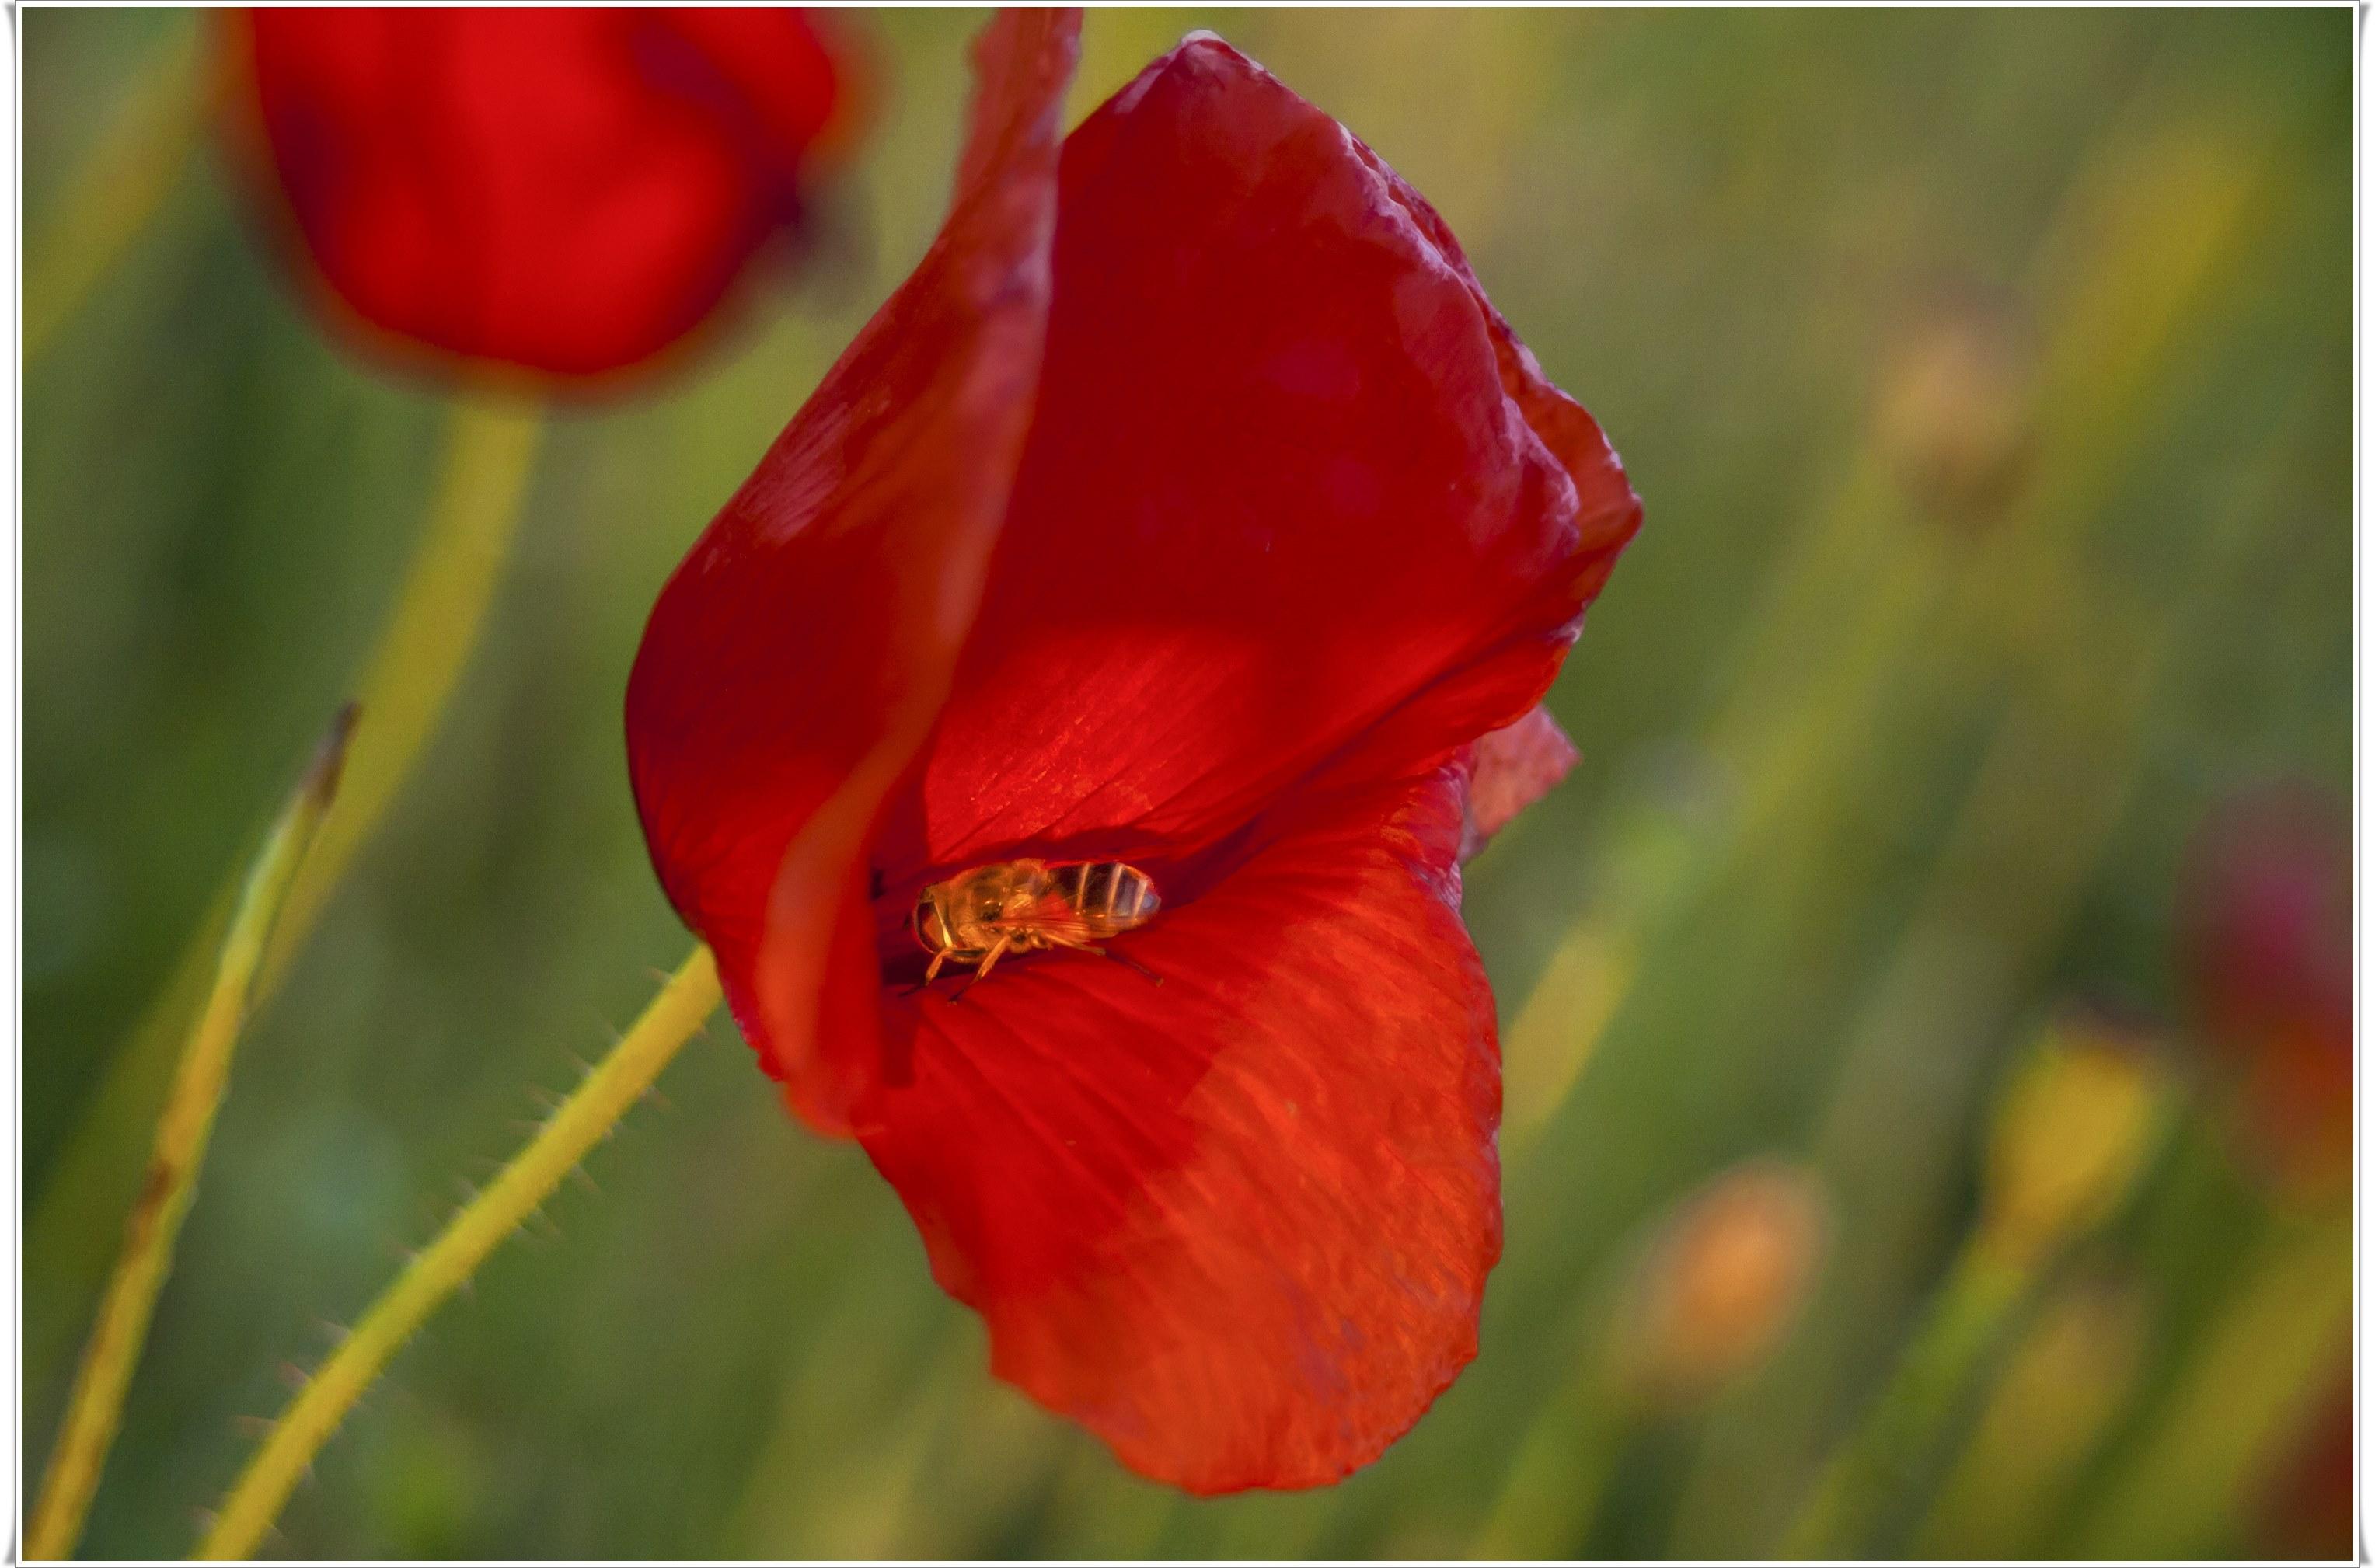 Marko Embreus - Pcela na cvijetu maka